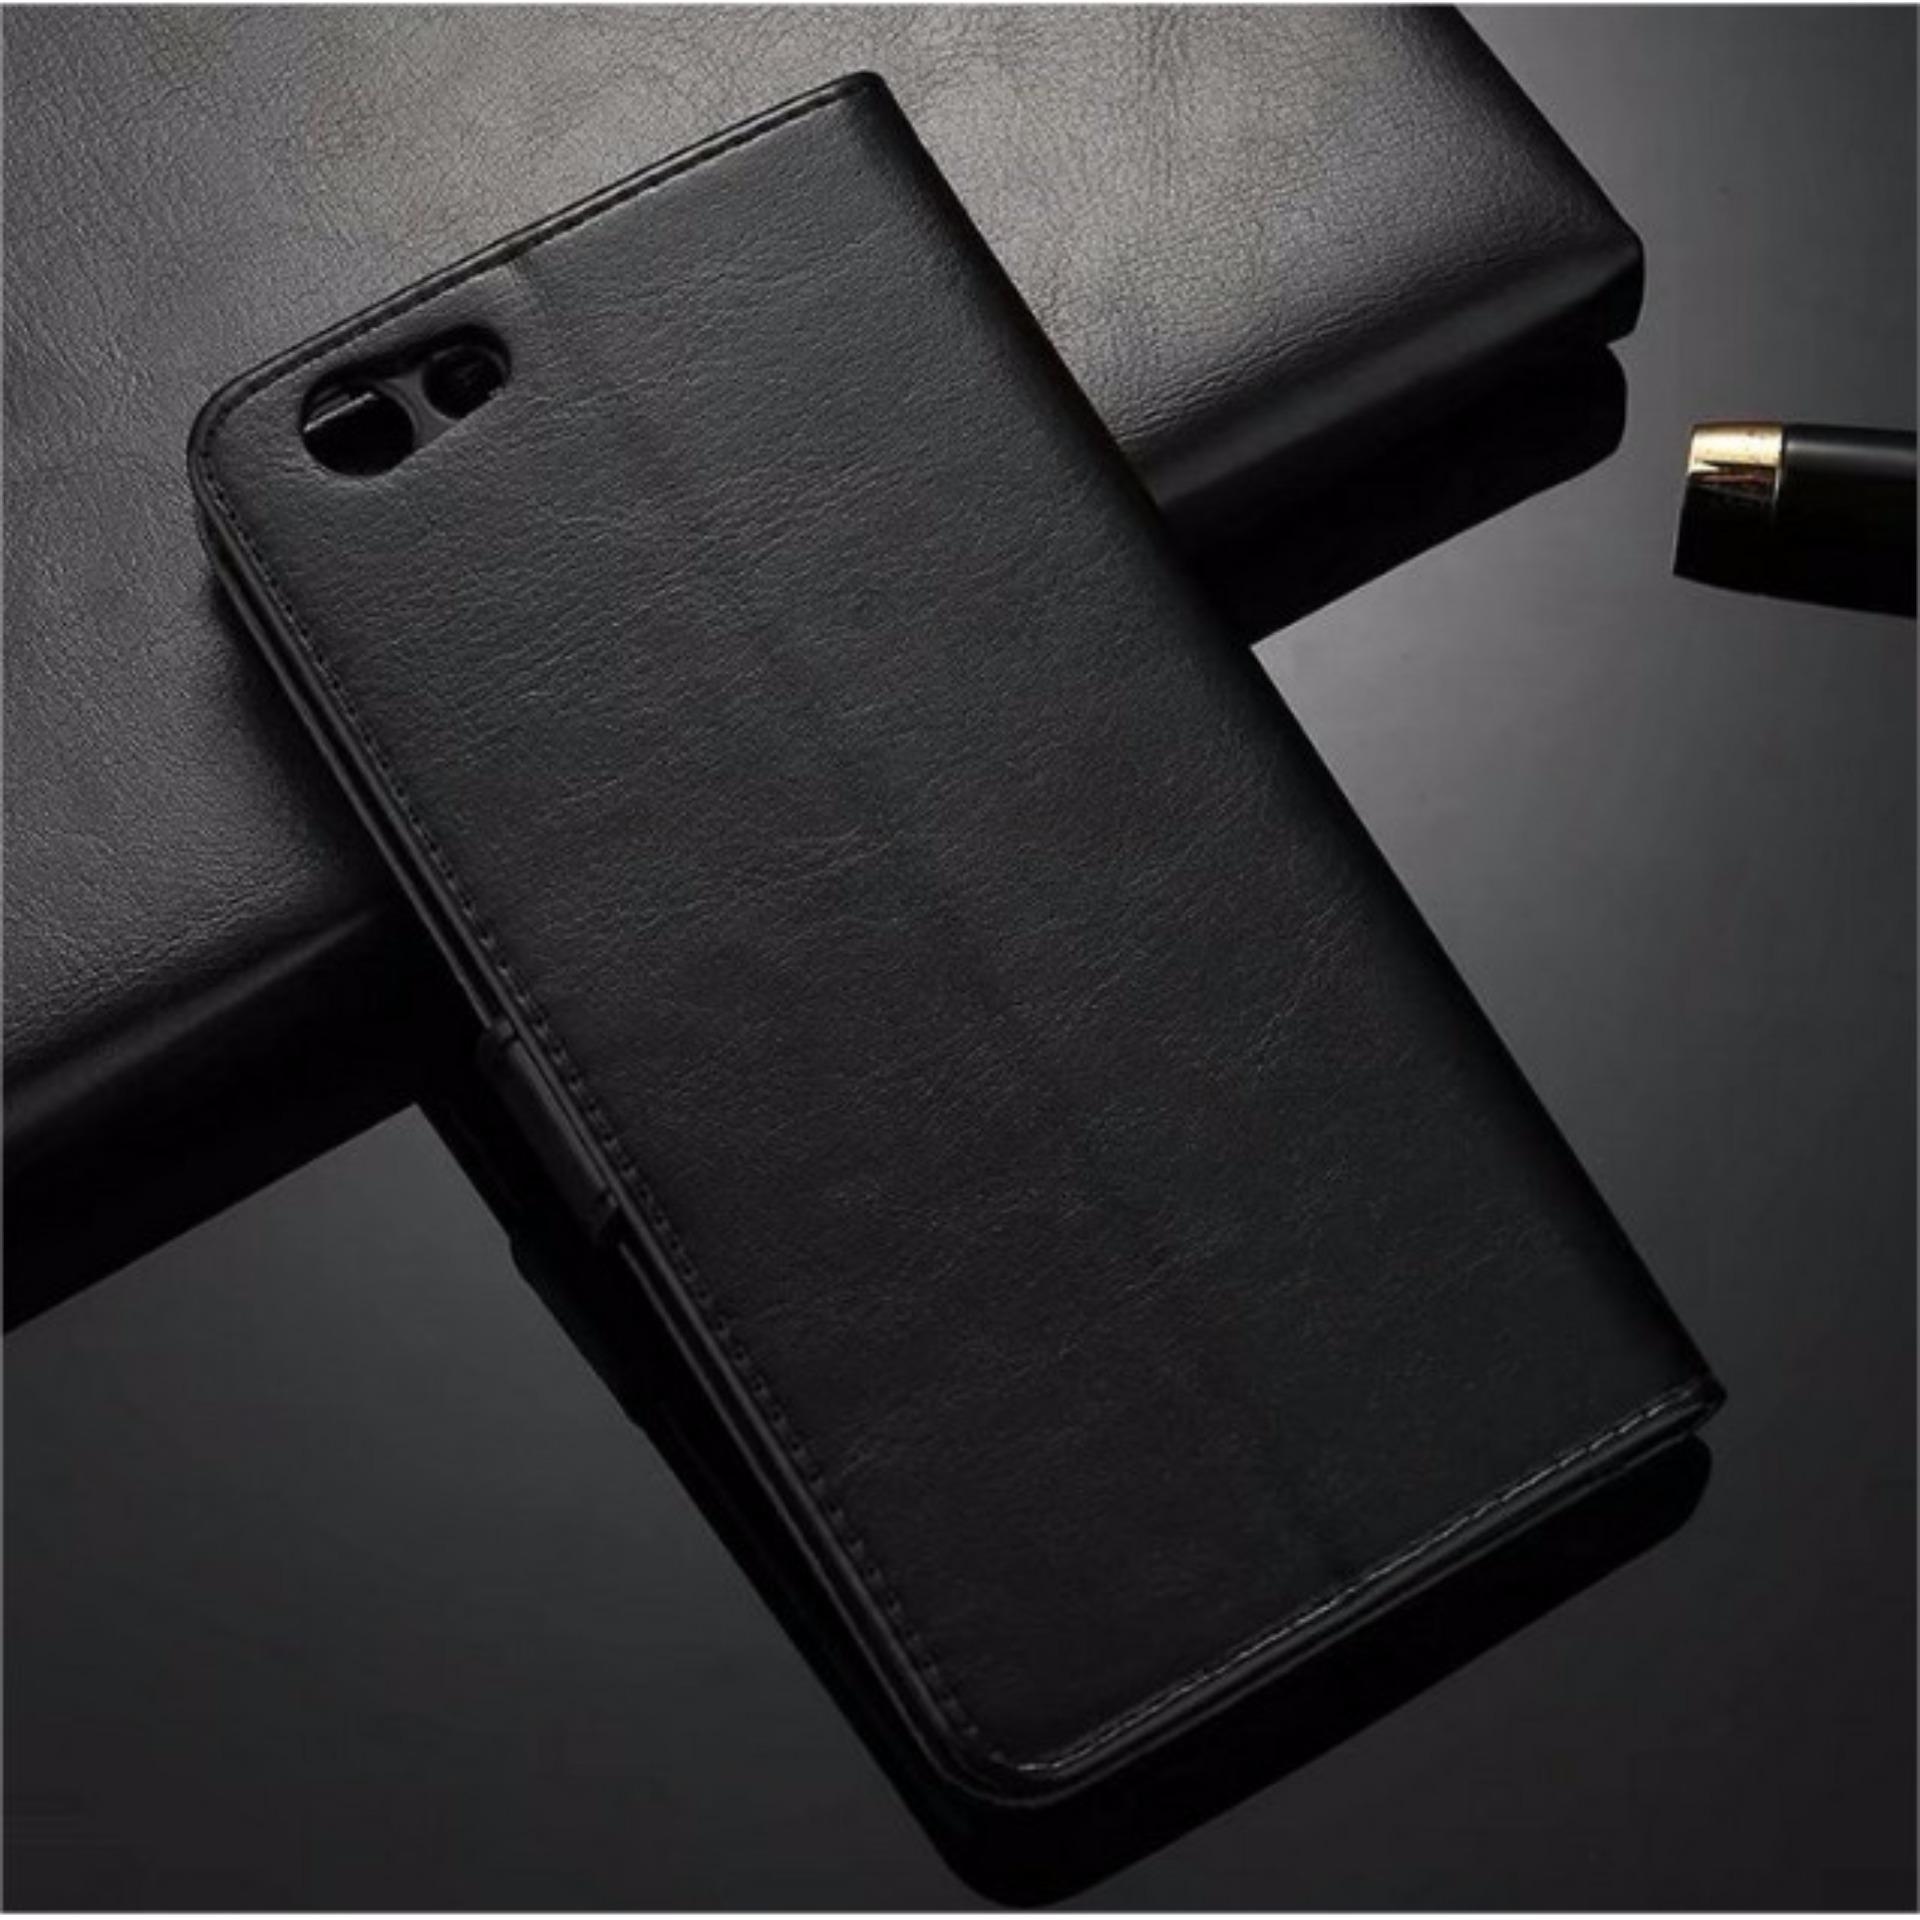 Ume Flip Leather Phone Cover For Oppo Joy 3 Oppo .